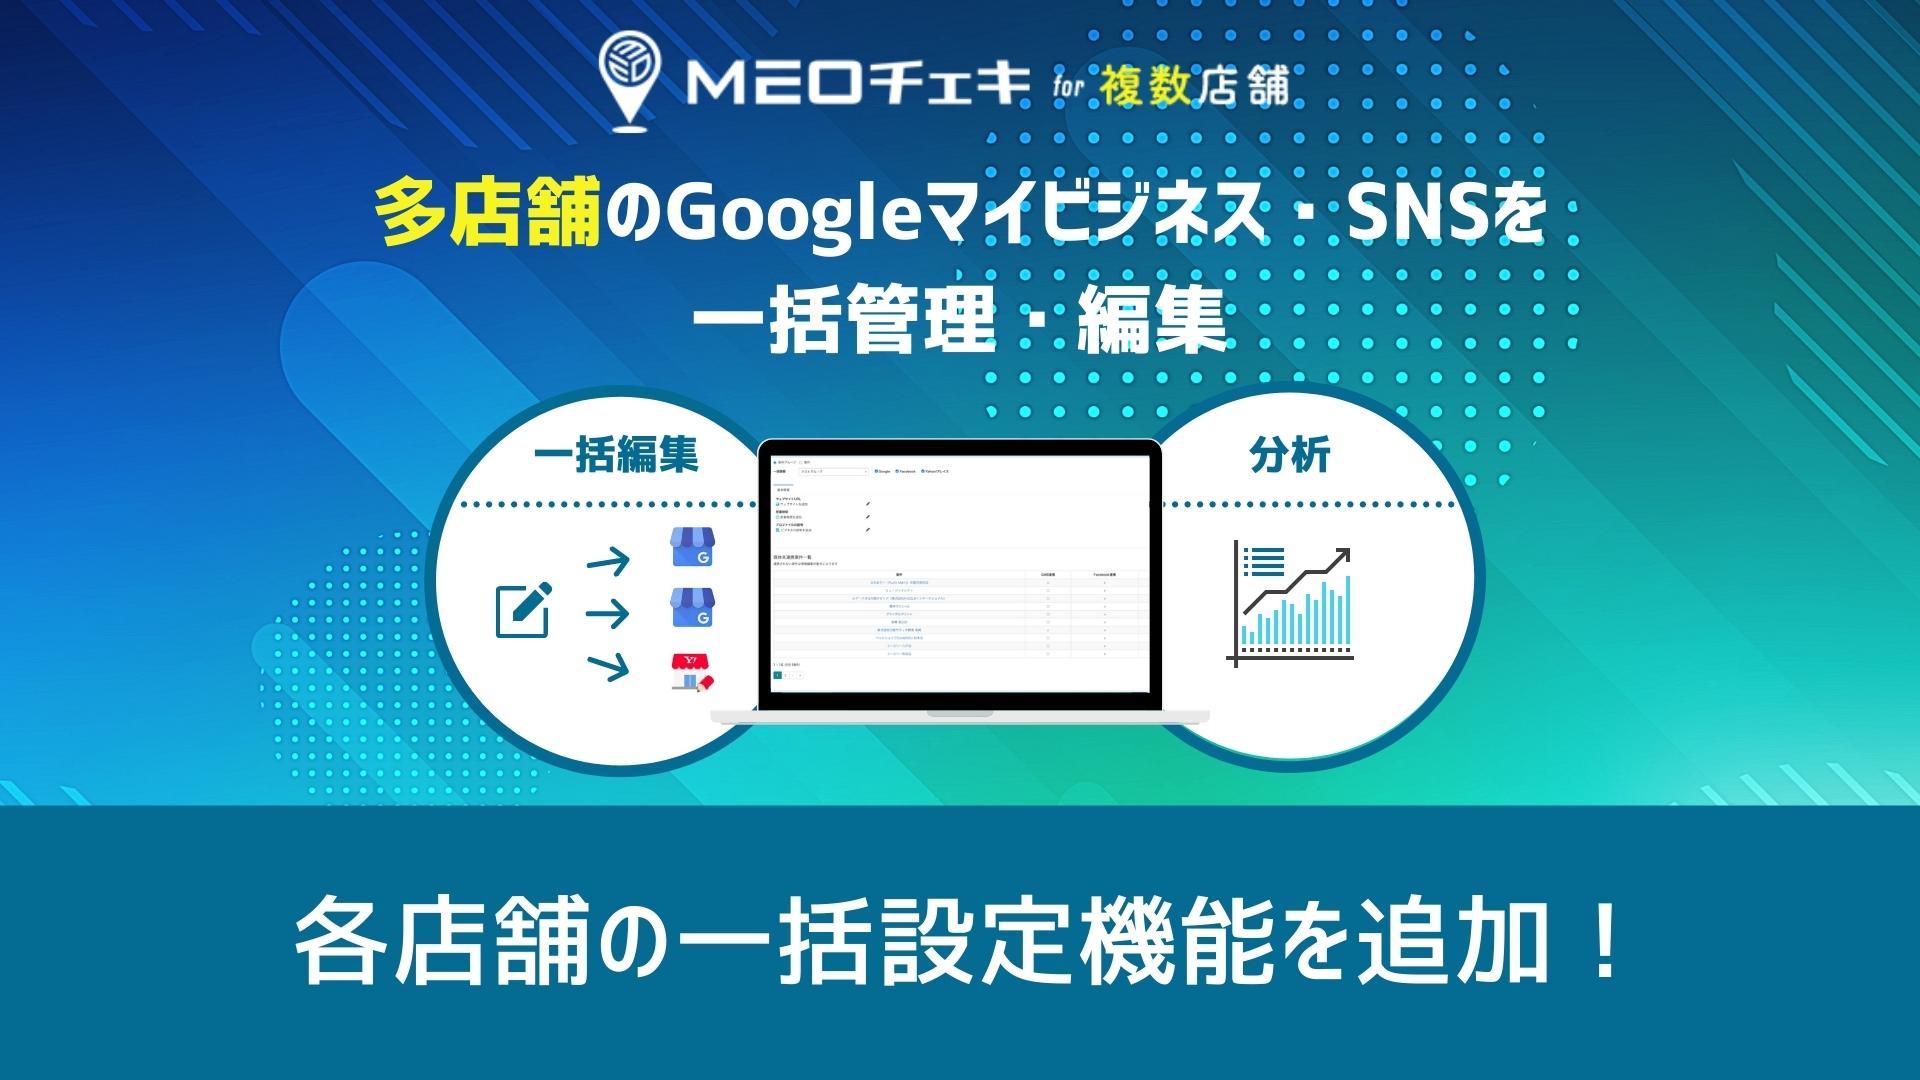 Googleマイビジネス一括編集・管理クラウドツール「MEOチェキ for 複数店舗」が各店舗の一括設定機能を追加!